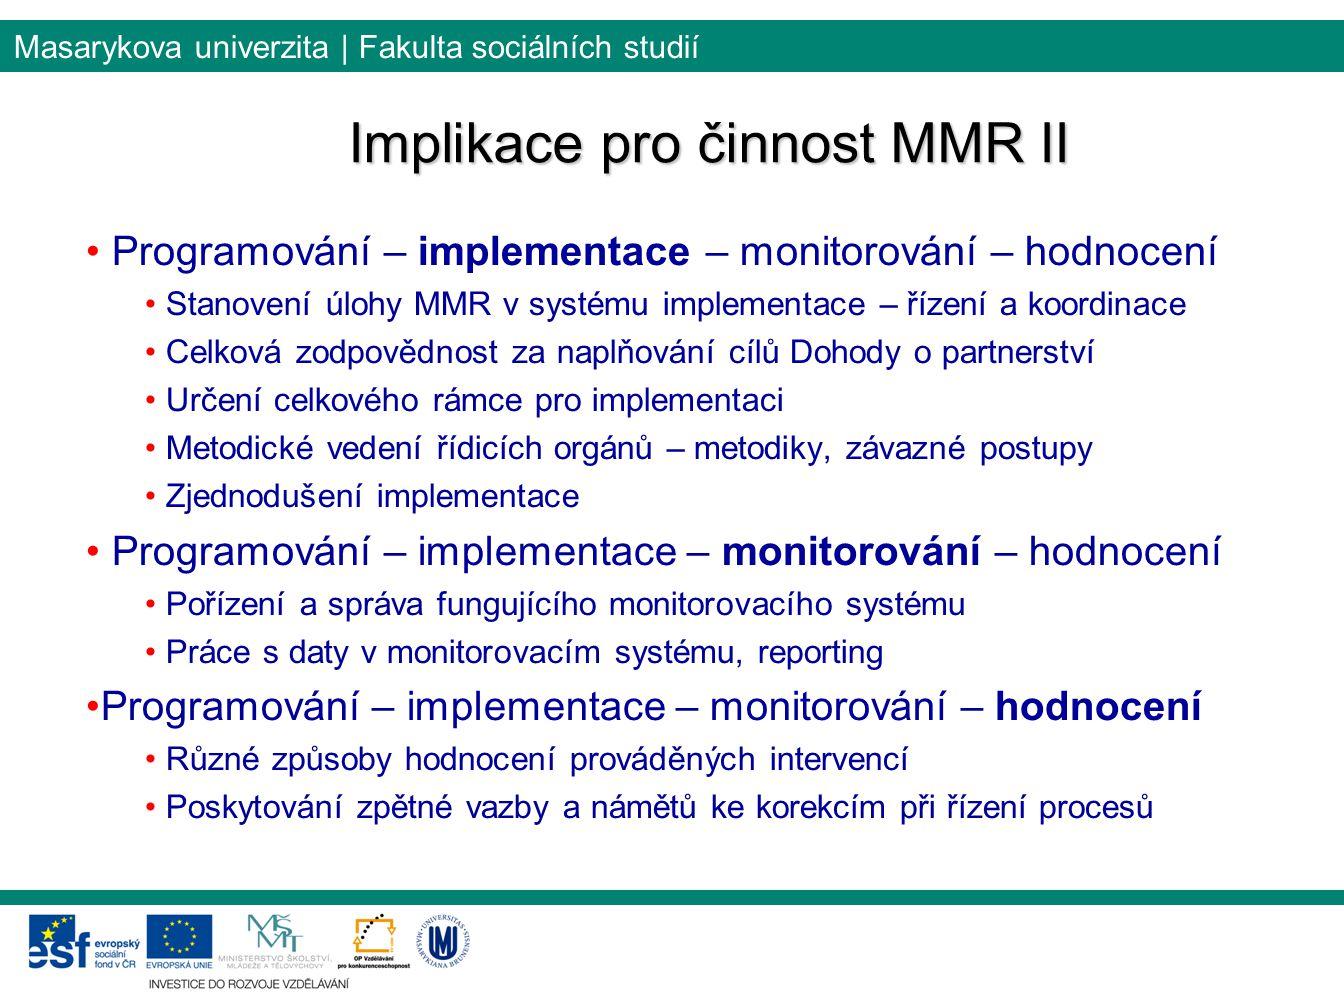 Masarykova univerzita | Fakulta sociálních studií Nevhodně nastavený systém výzkumu a inovací a konkurenceschopnost  řešeno TO 2 Funkční výzkumný a inovační systém + TO 3 Konkurenceschopné podniky.